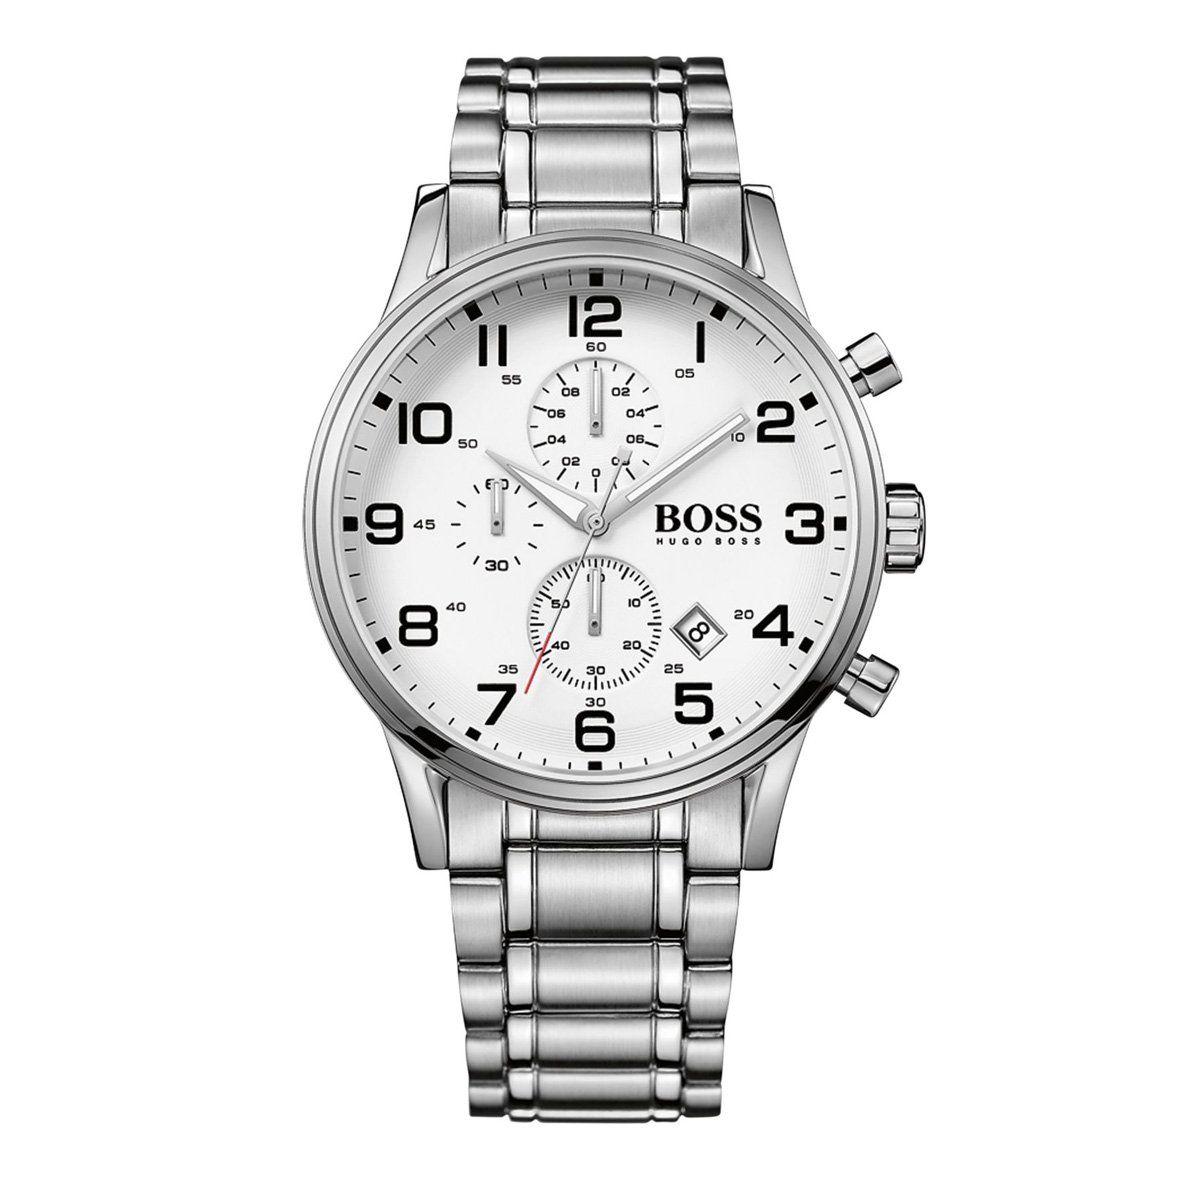 Hugo Boss 1513182 White Chronograph Dial Stainless Steel Bracelet Men's  Watch 1513182 Chronograph,